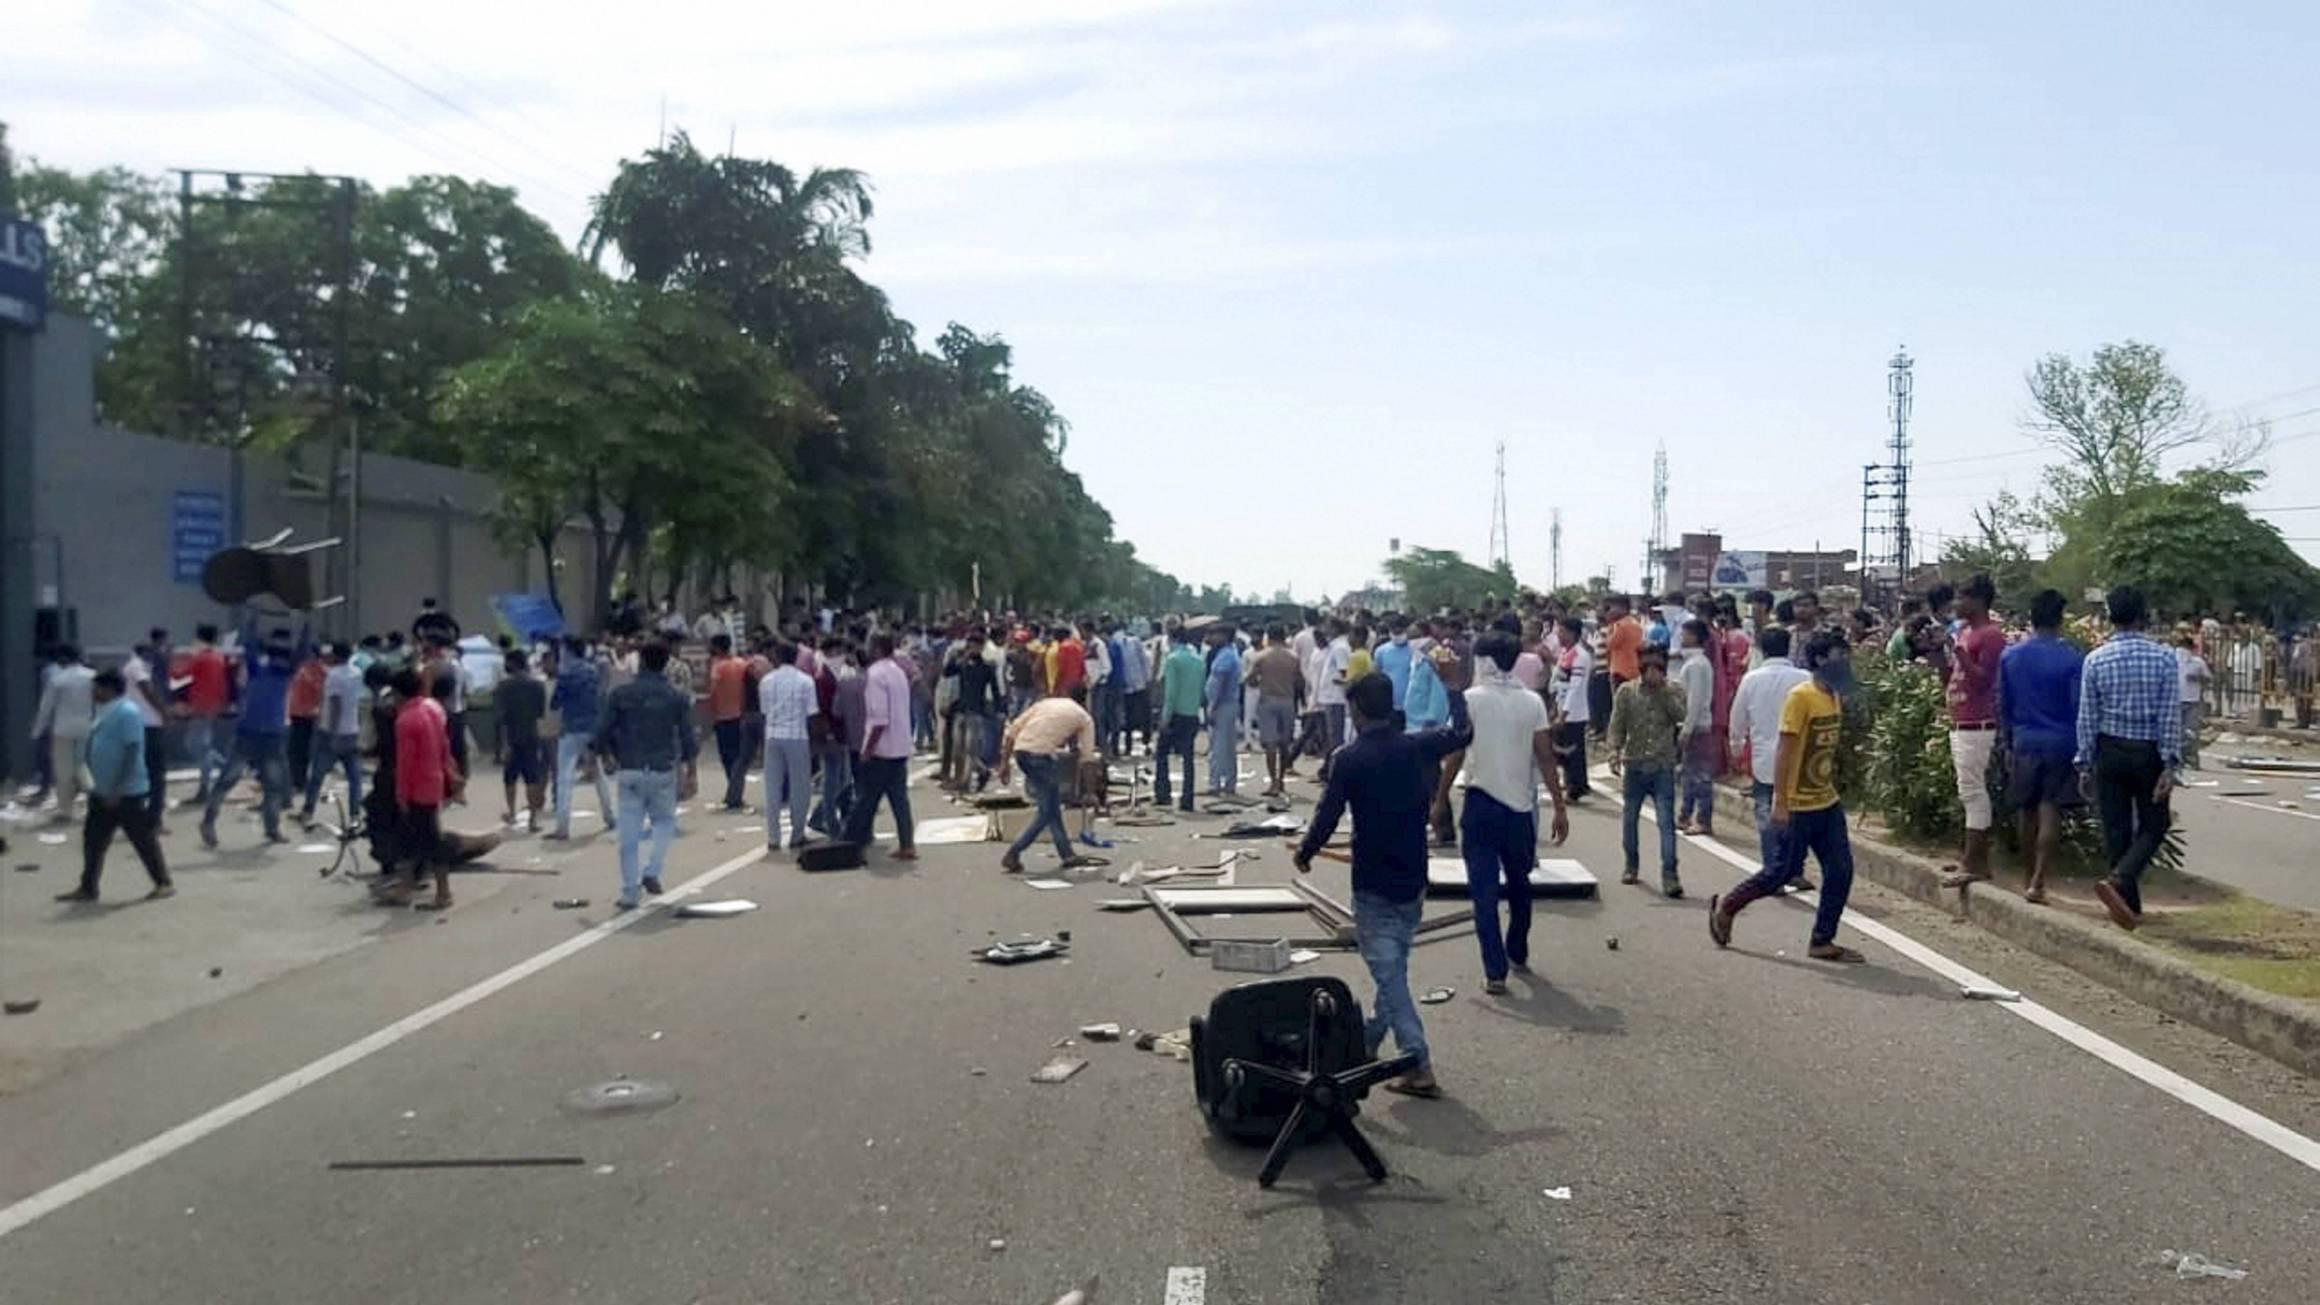 کٹھوعہ میں مزدوروں کا مظاہرہ۔ (فوٹو: پی ٹی آئی)